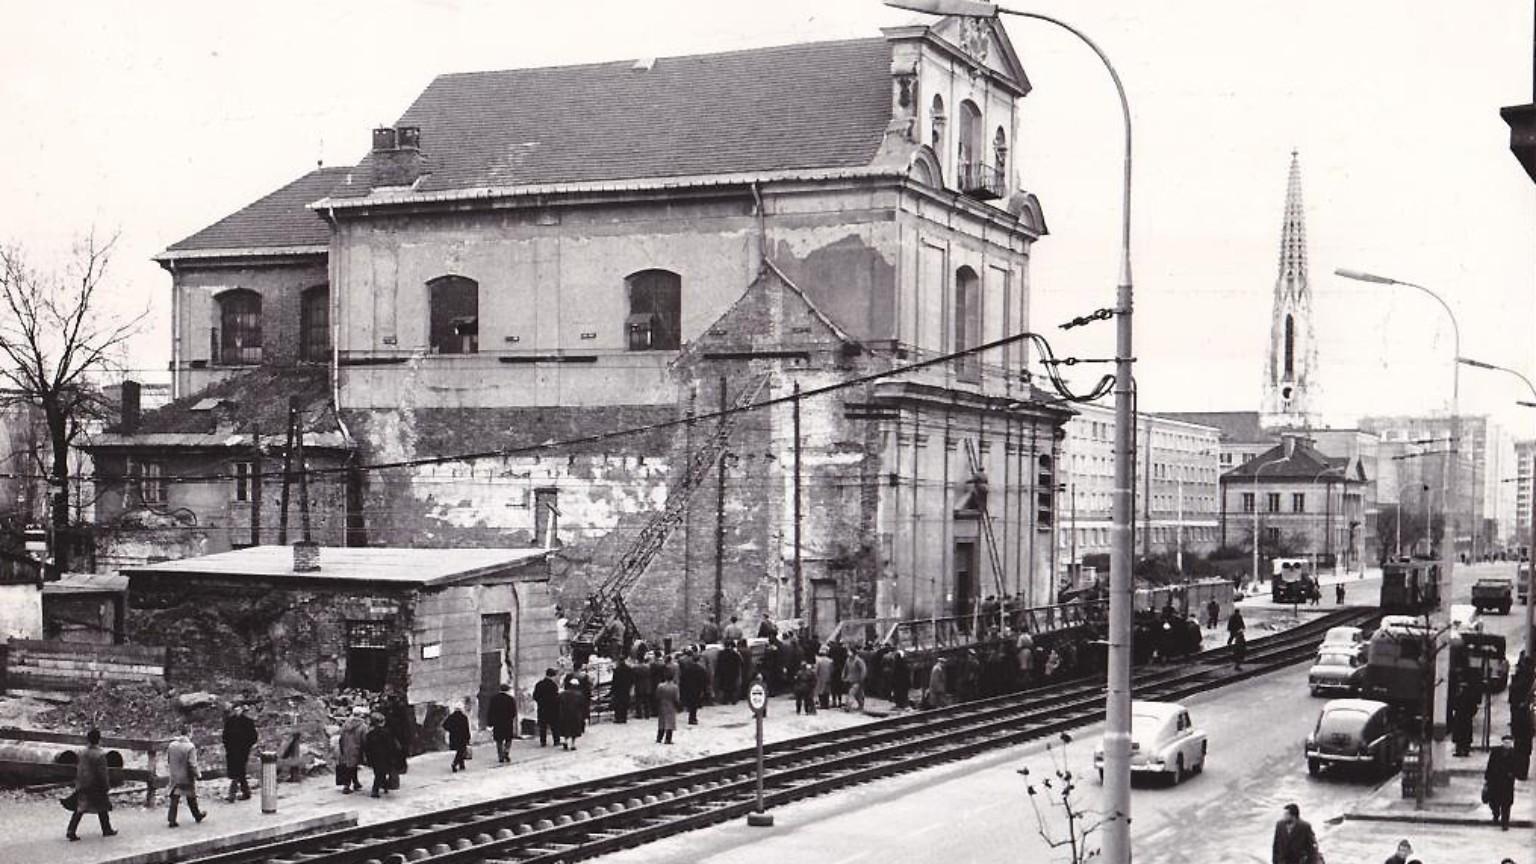 Zdjęcie dla kartki: Przesunięcie kościoła przy al. Solidarności (d. al. Świerczewskiego)